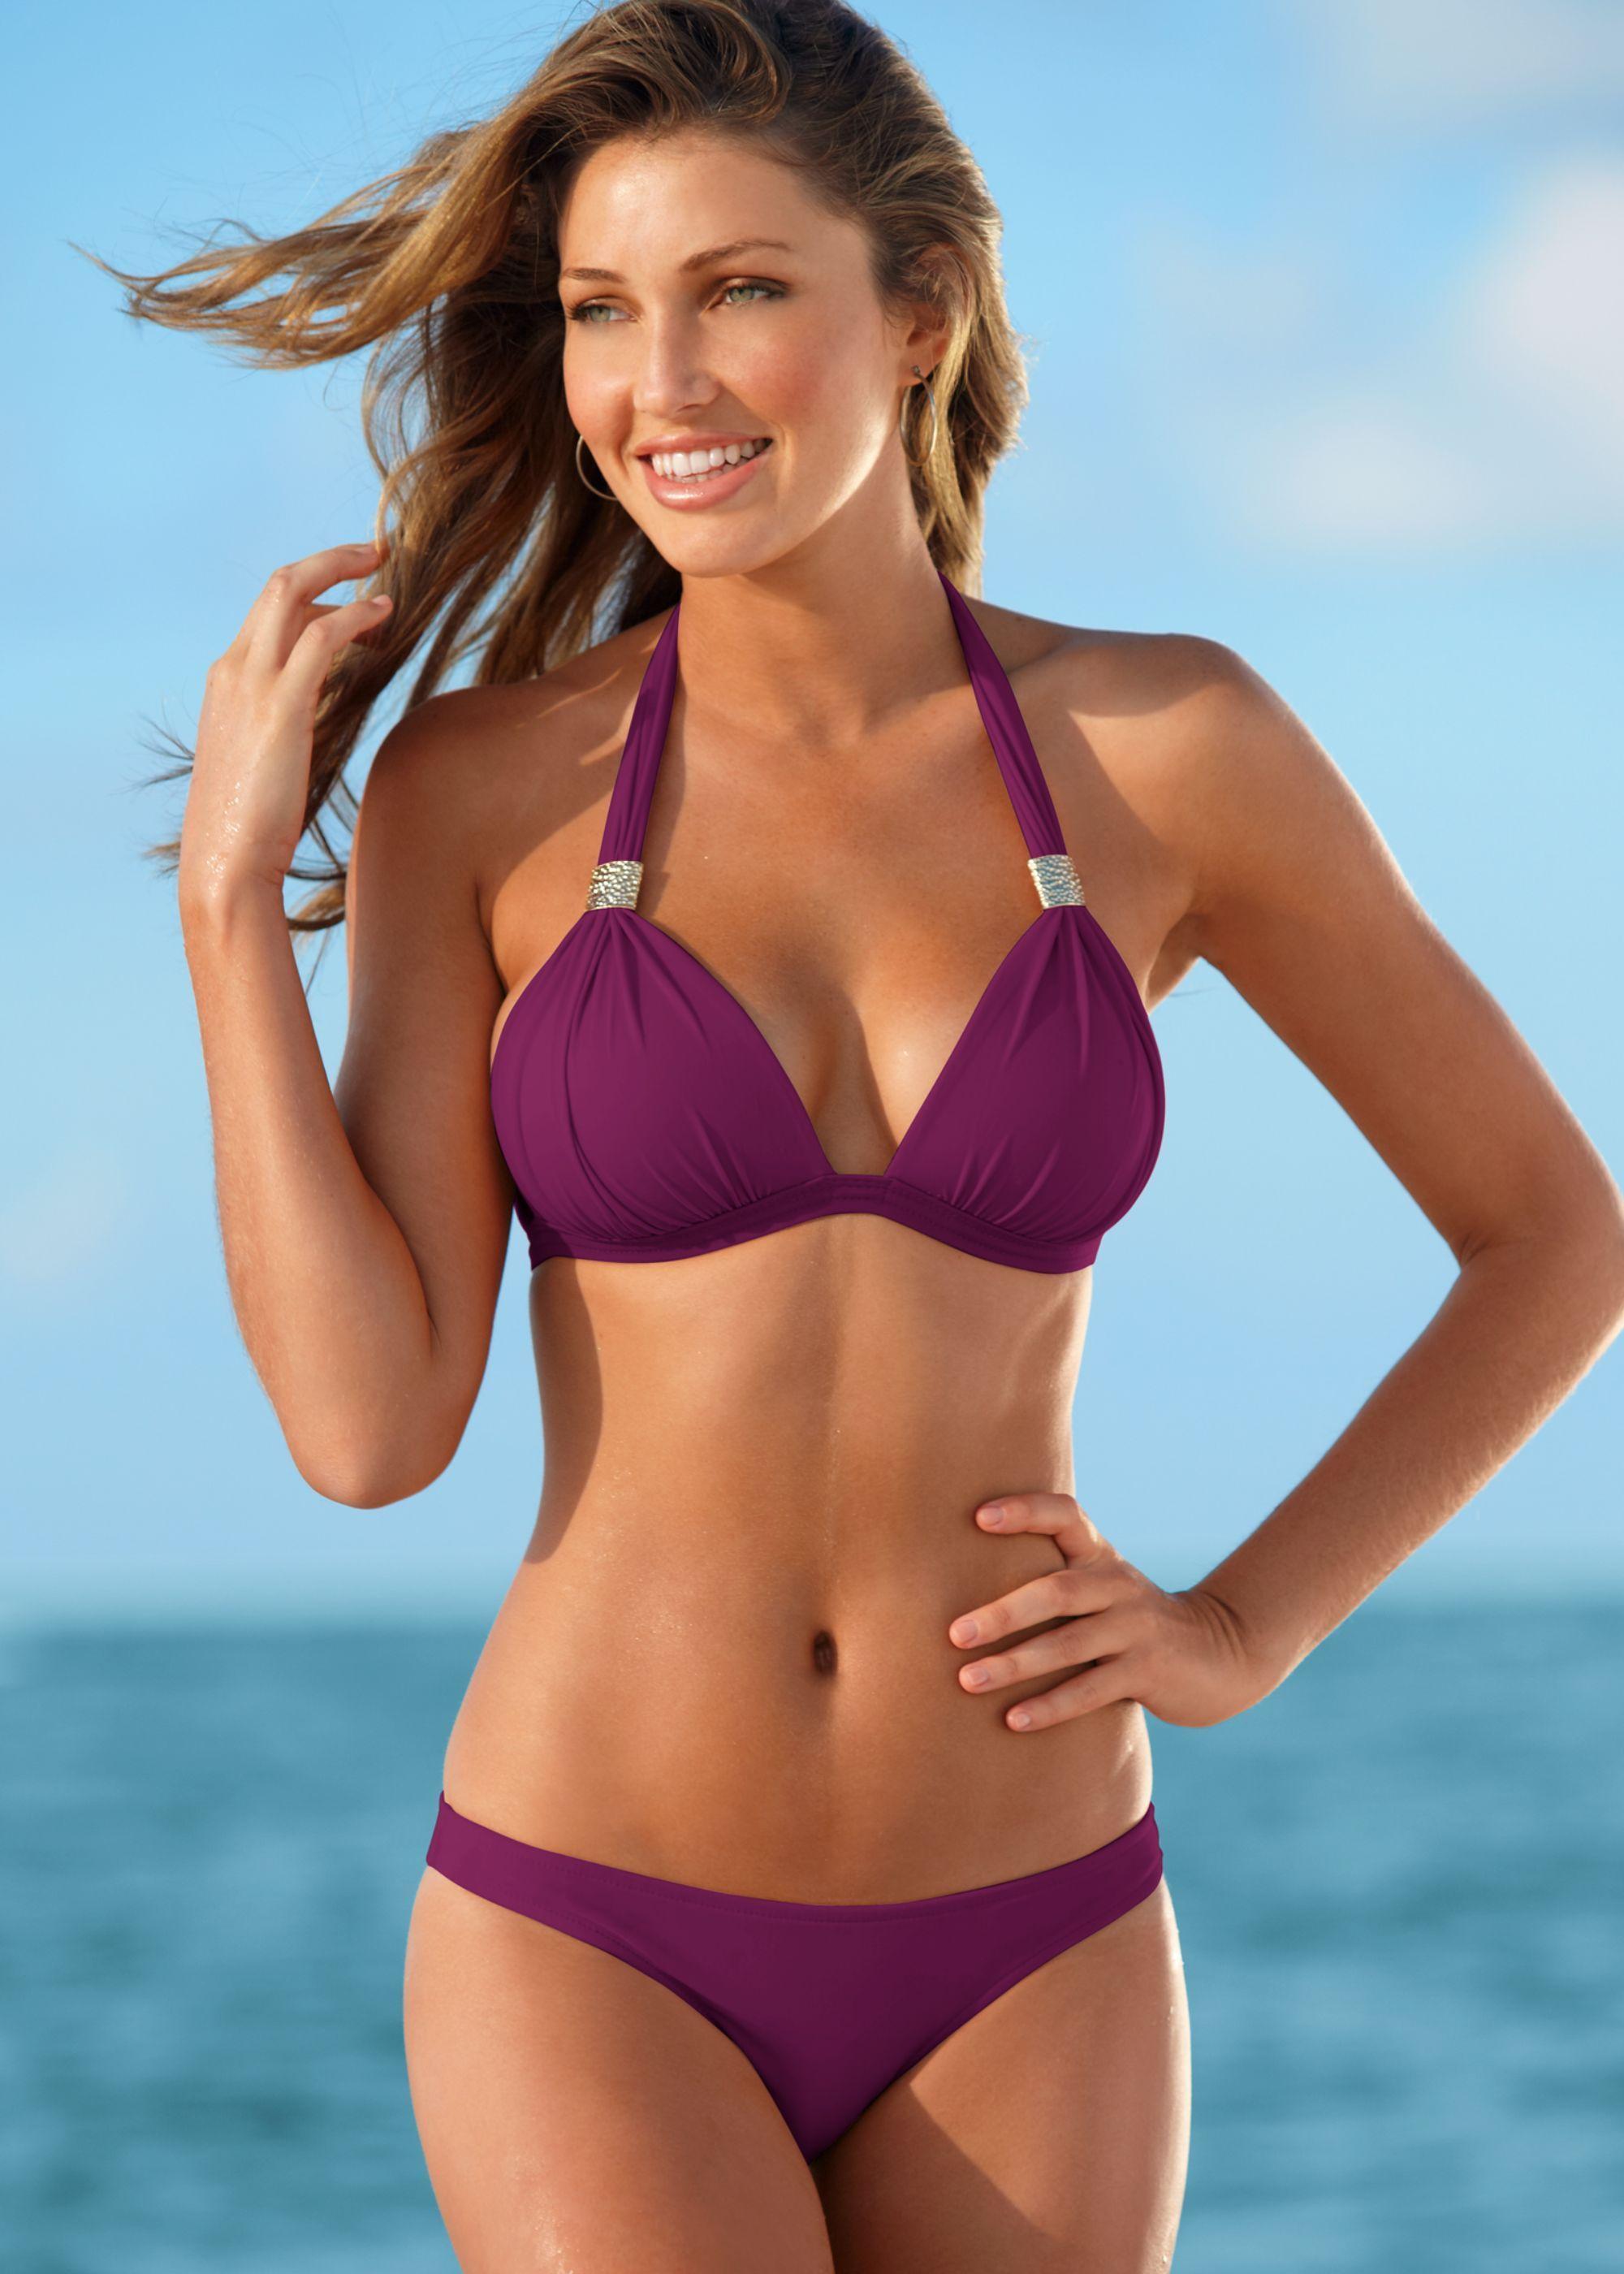 023a96501a433 Simone Villas Boas shows off her incredible bikini body. Simone Villas Boas  shows off her incredible bikini body Disney Bathing Suit